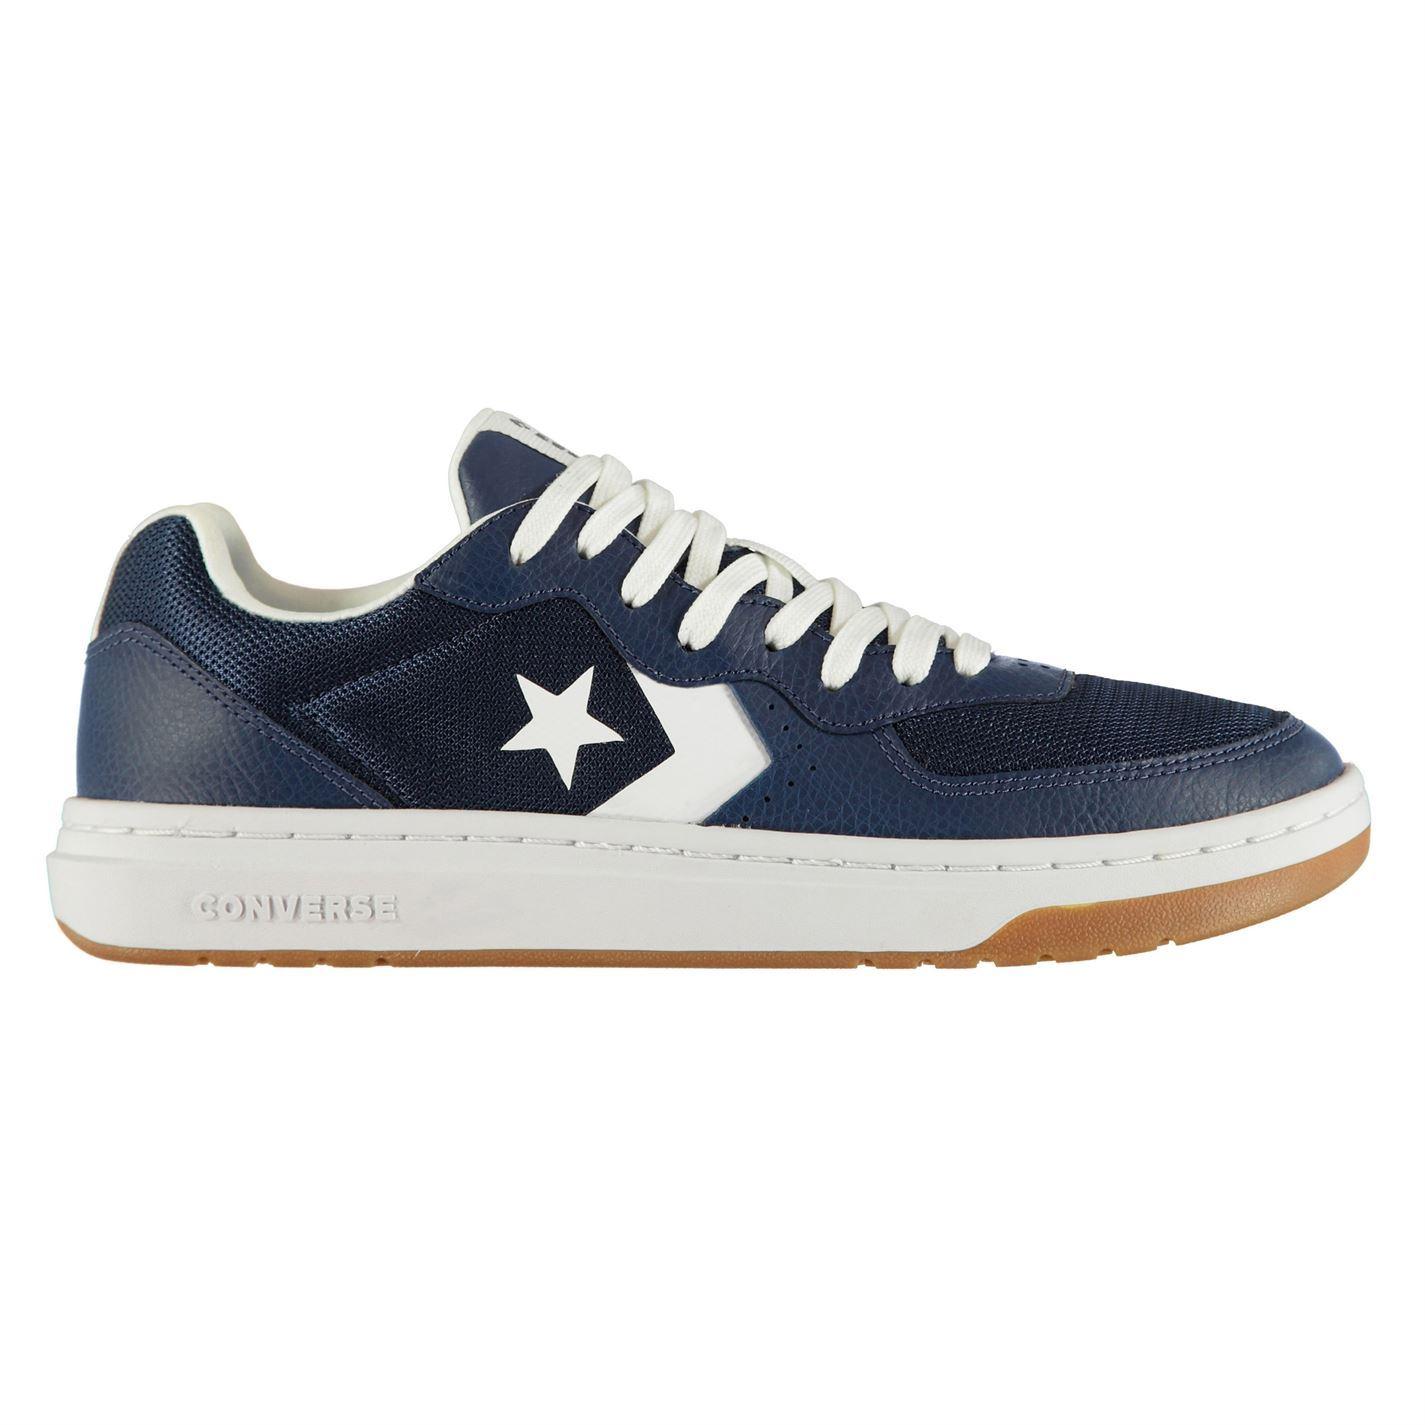 Converse-Rival-Baskets-Pour-Homme-Chaussures-De-Loisirs-Chaussures-Baskets miniature 18